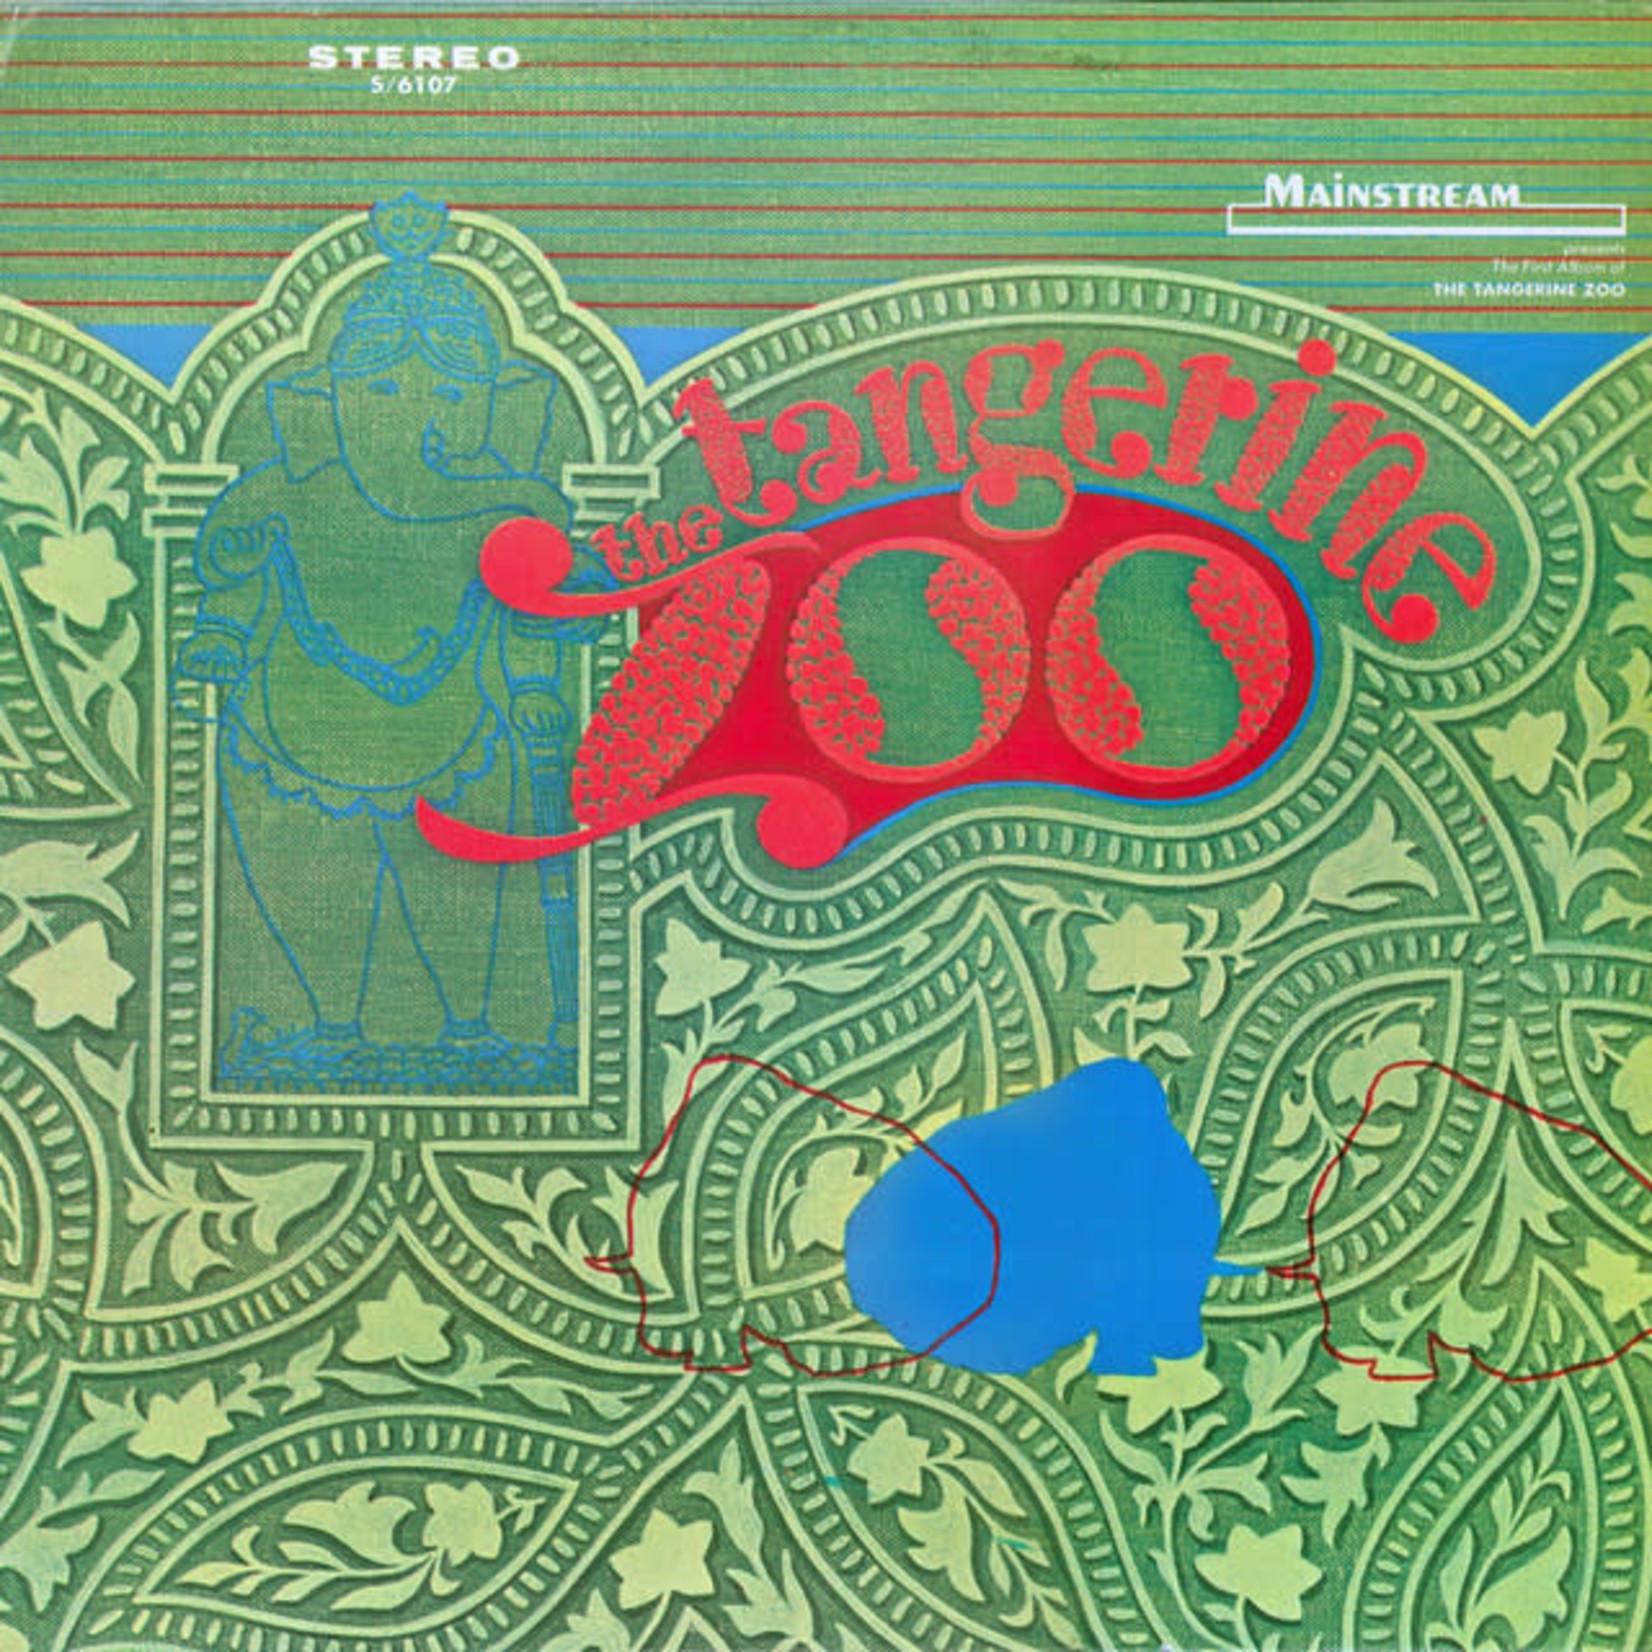 Vinyl The Tangerine Zoo - ST